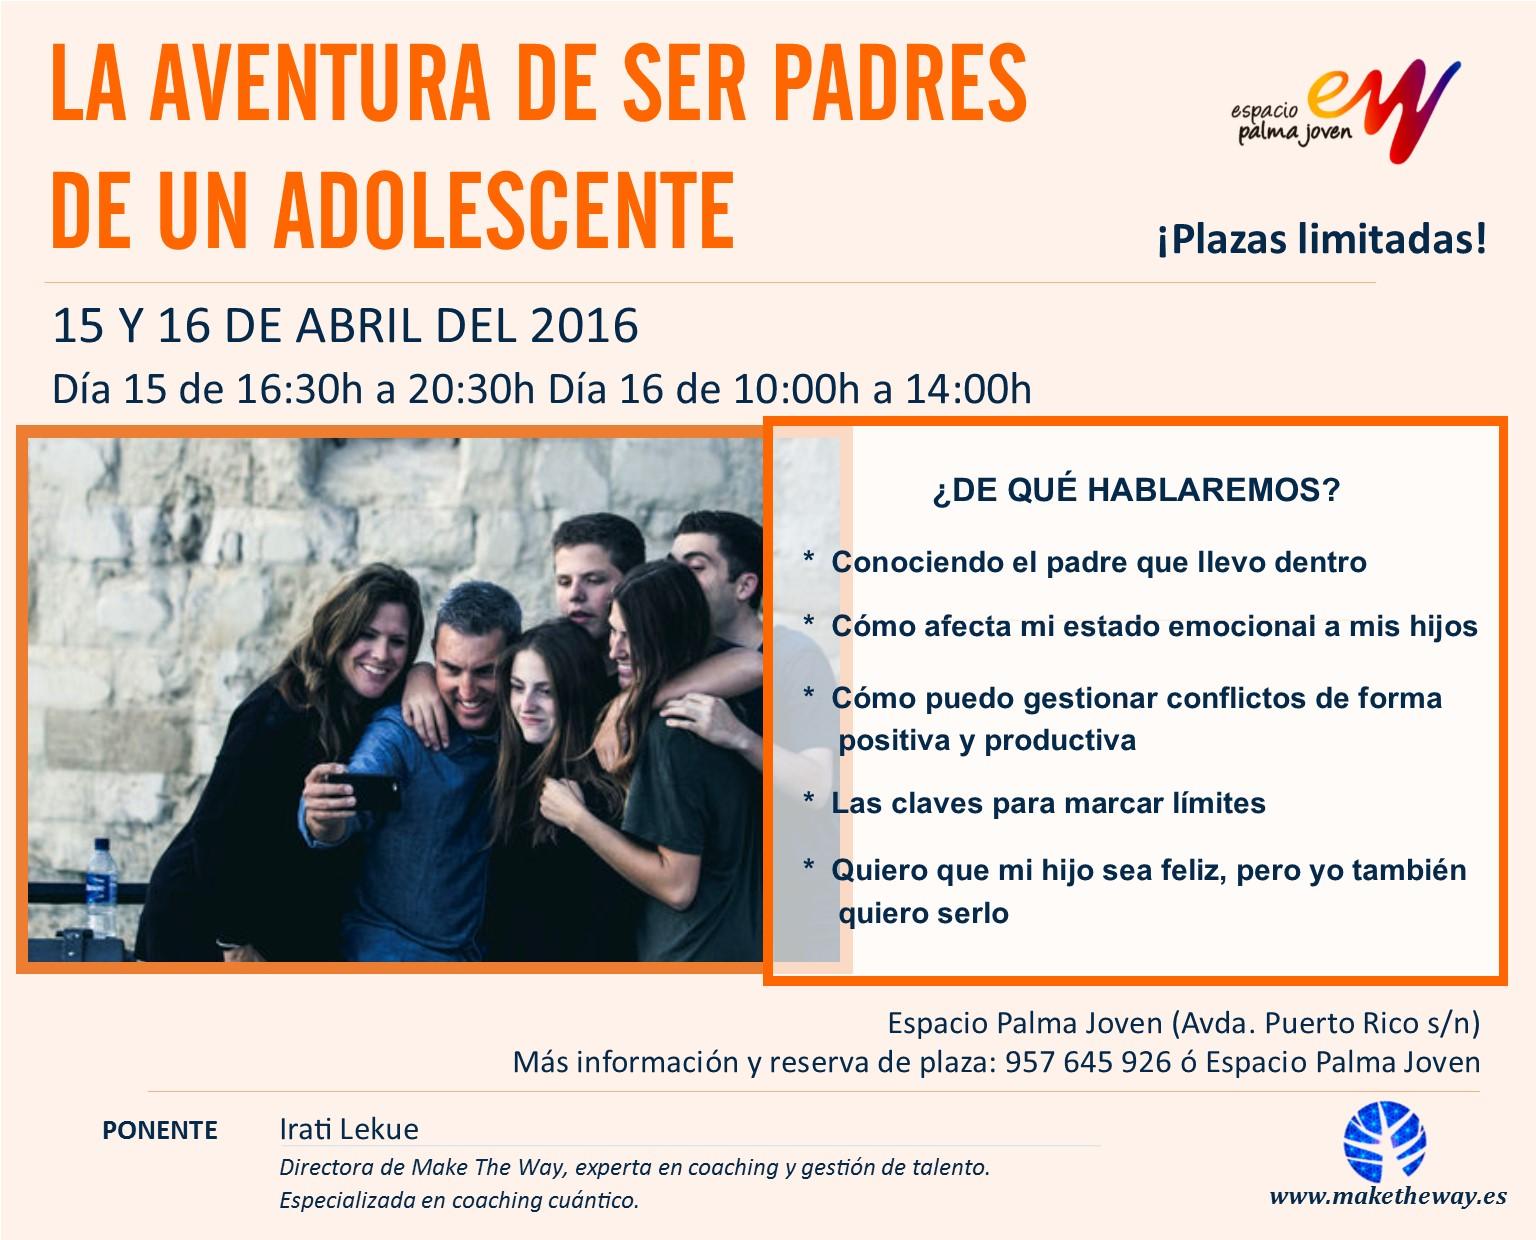 SER PADRE O MADRE ADOLESCENTE: CONSECUENCIAS